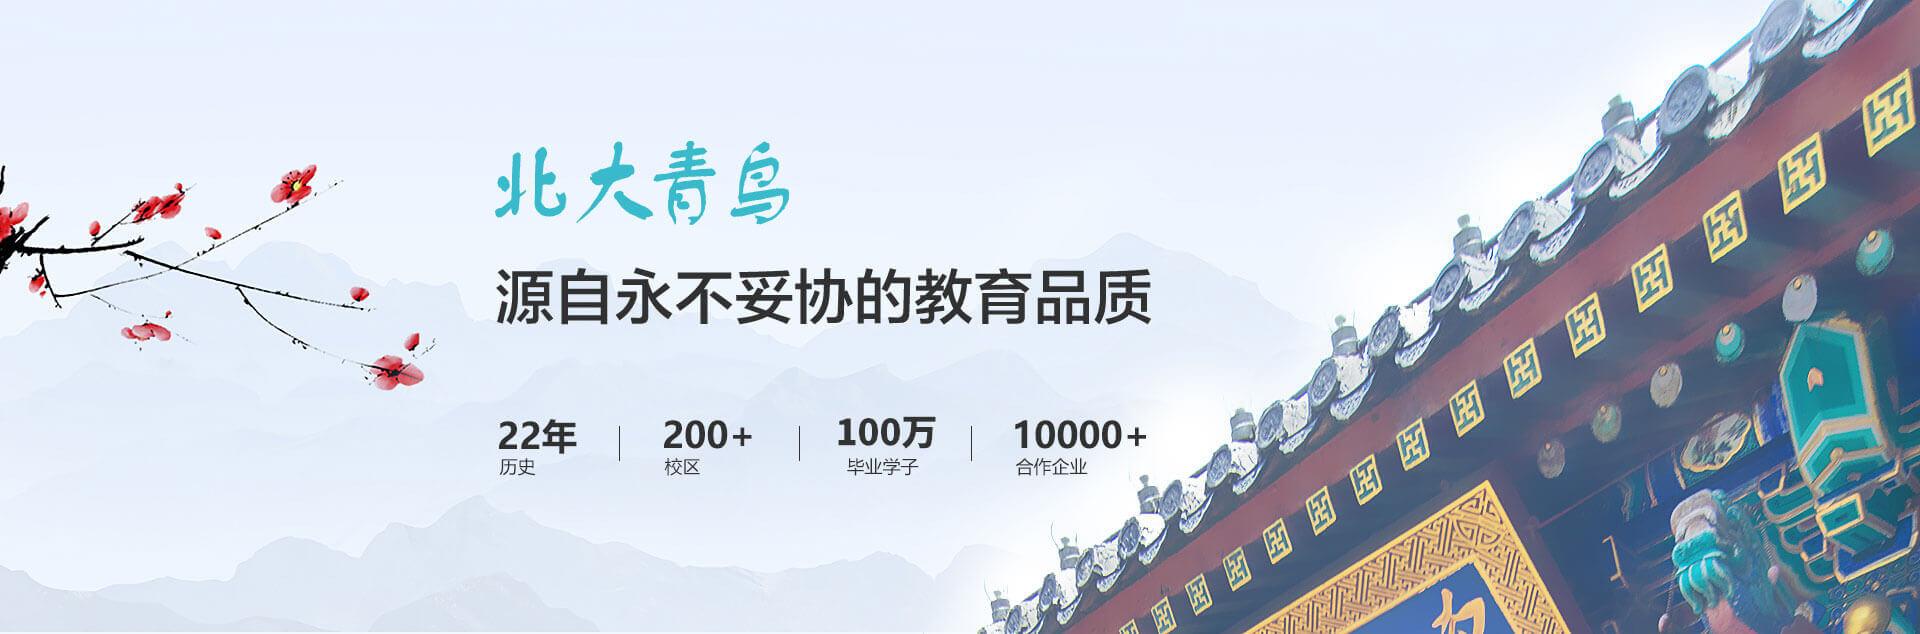 北大亚博app 安卓手机下载品牌